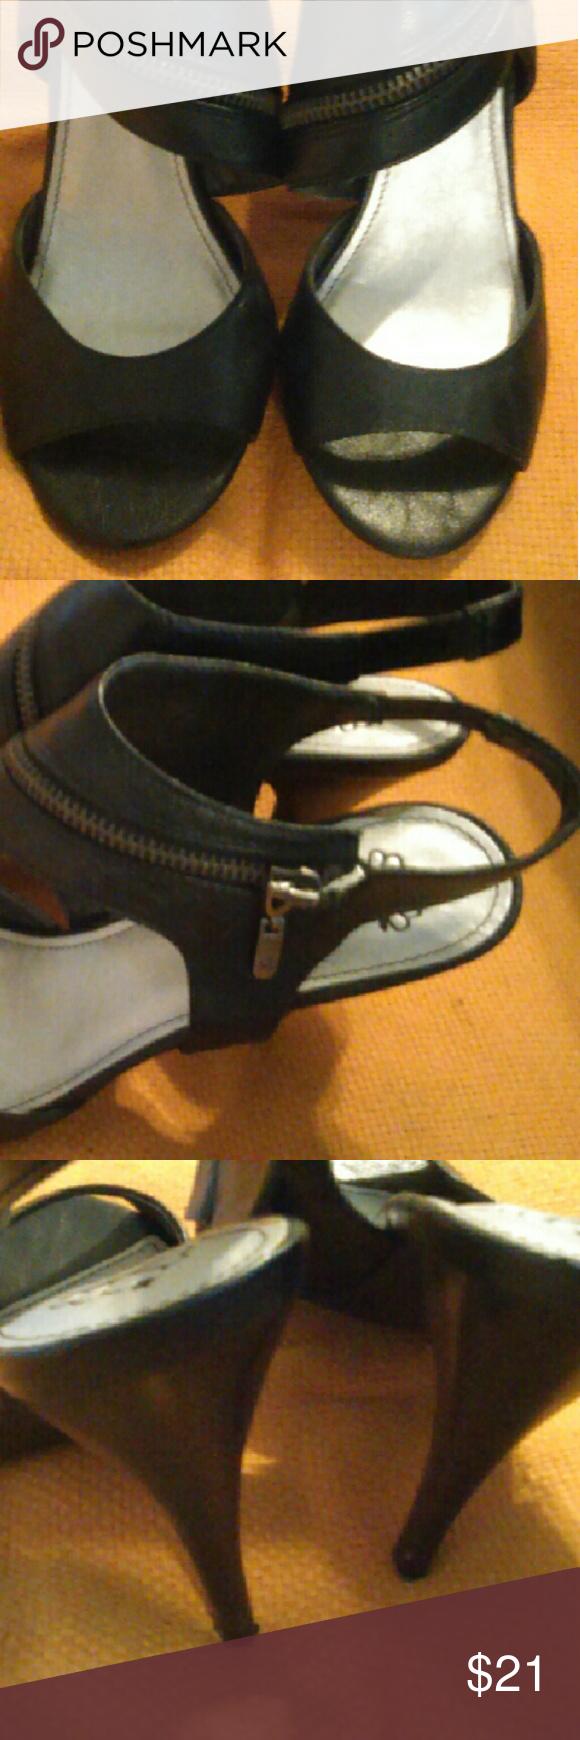 High heels Zippered heels Fergalicious Shoes Heels